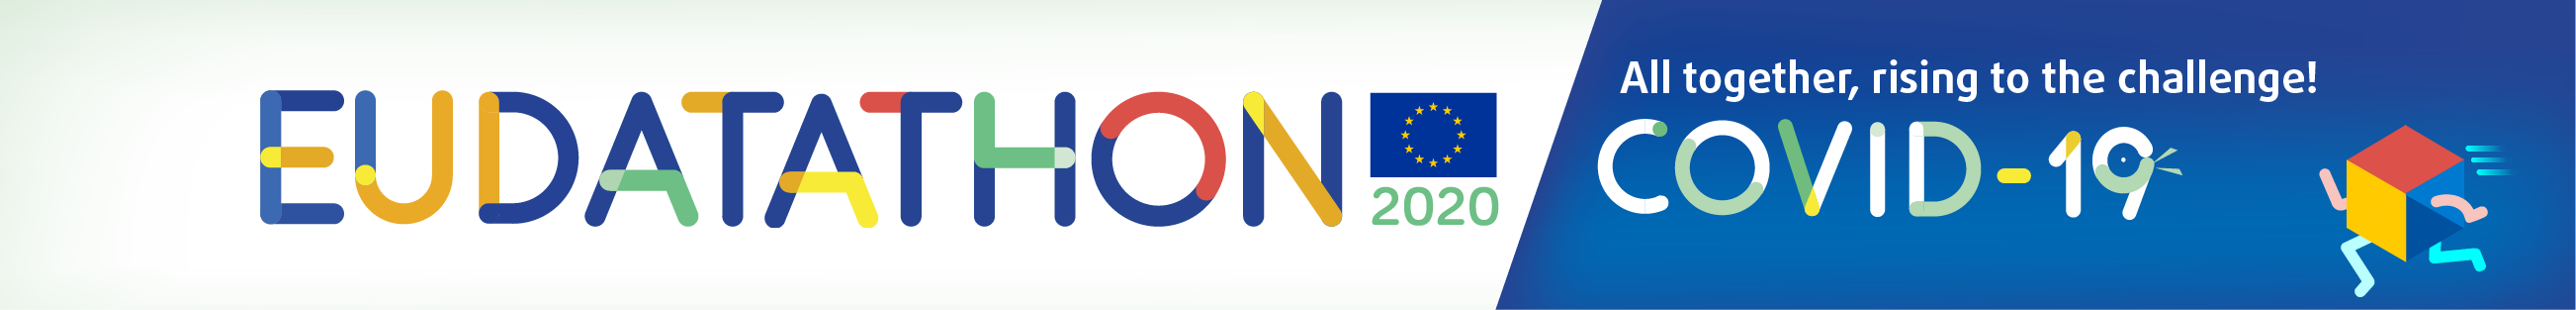 EU Datathon 2020 COVID-19